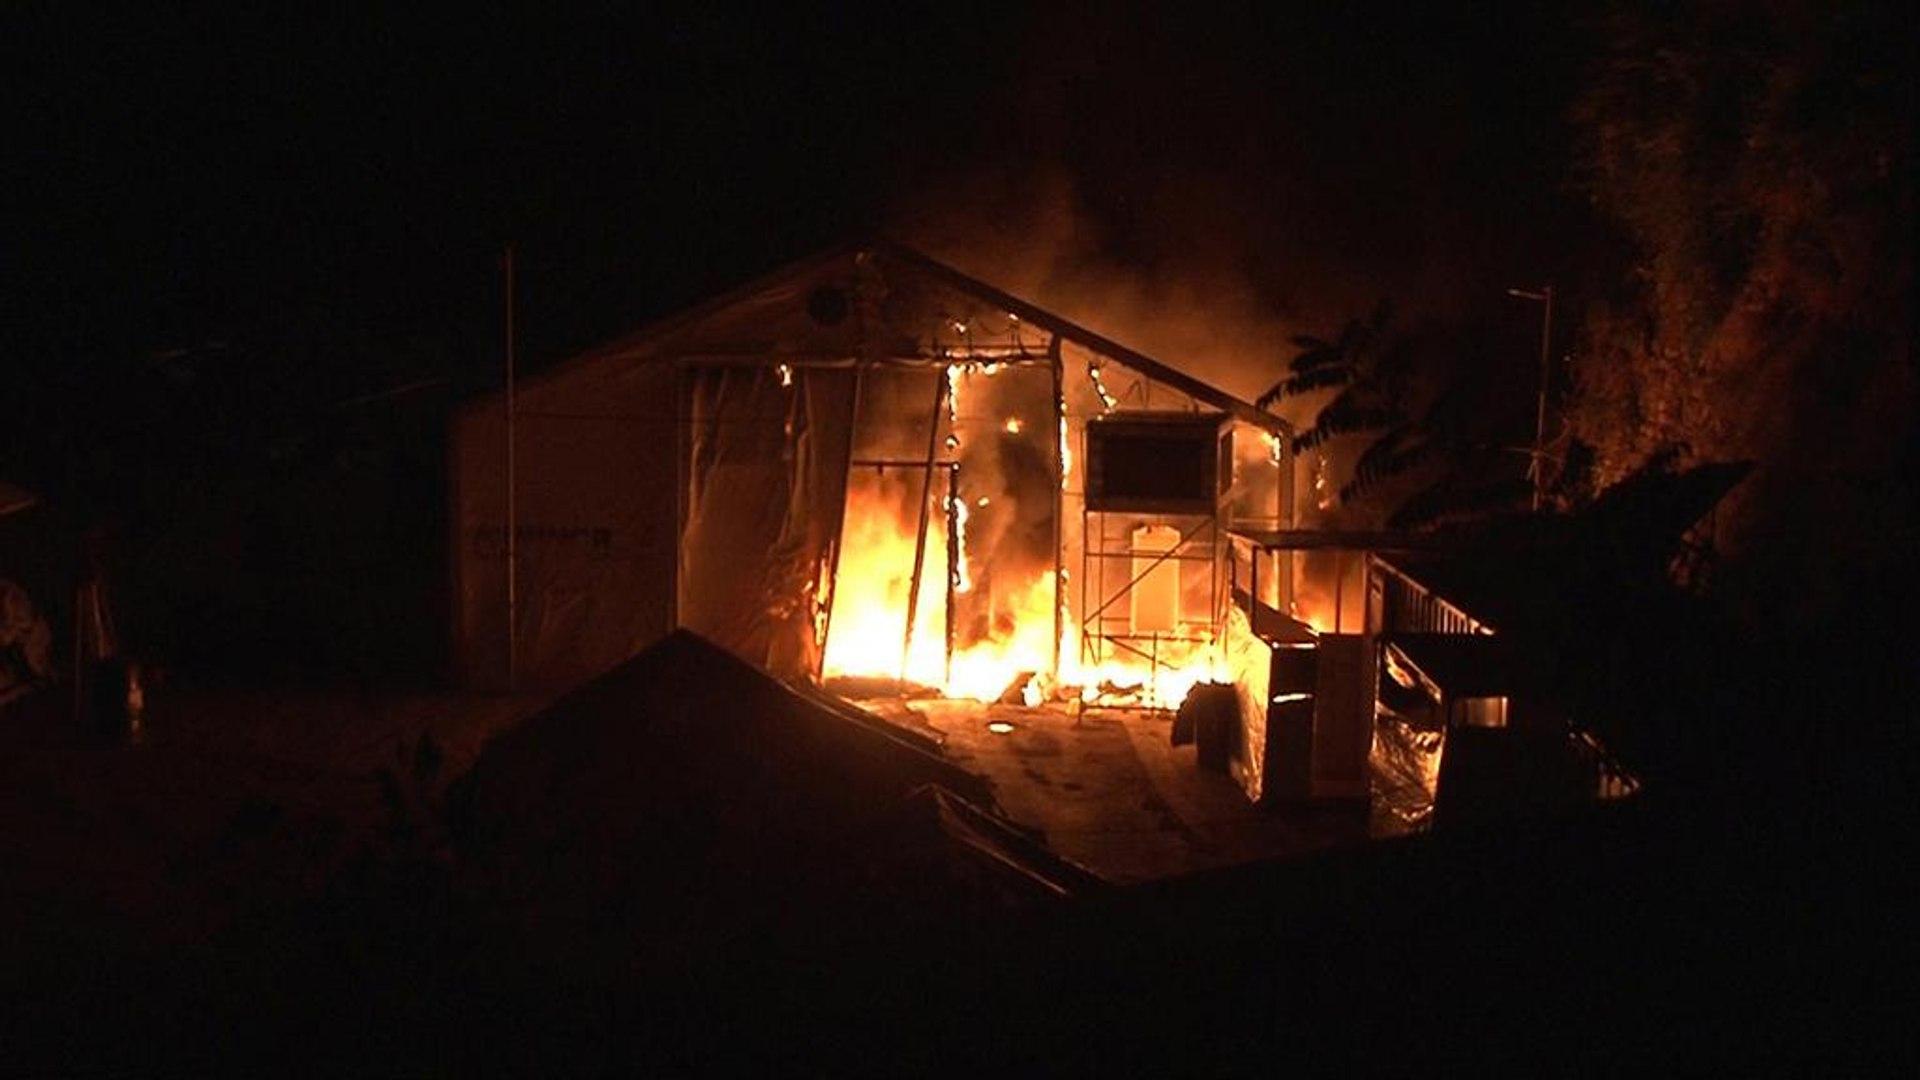 هجوم على مخيم للاجئين في جزيرة كيوس اليونانية